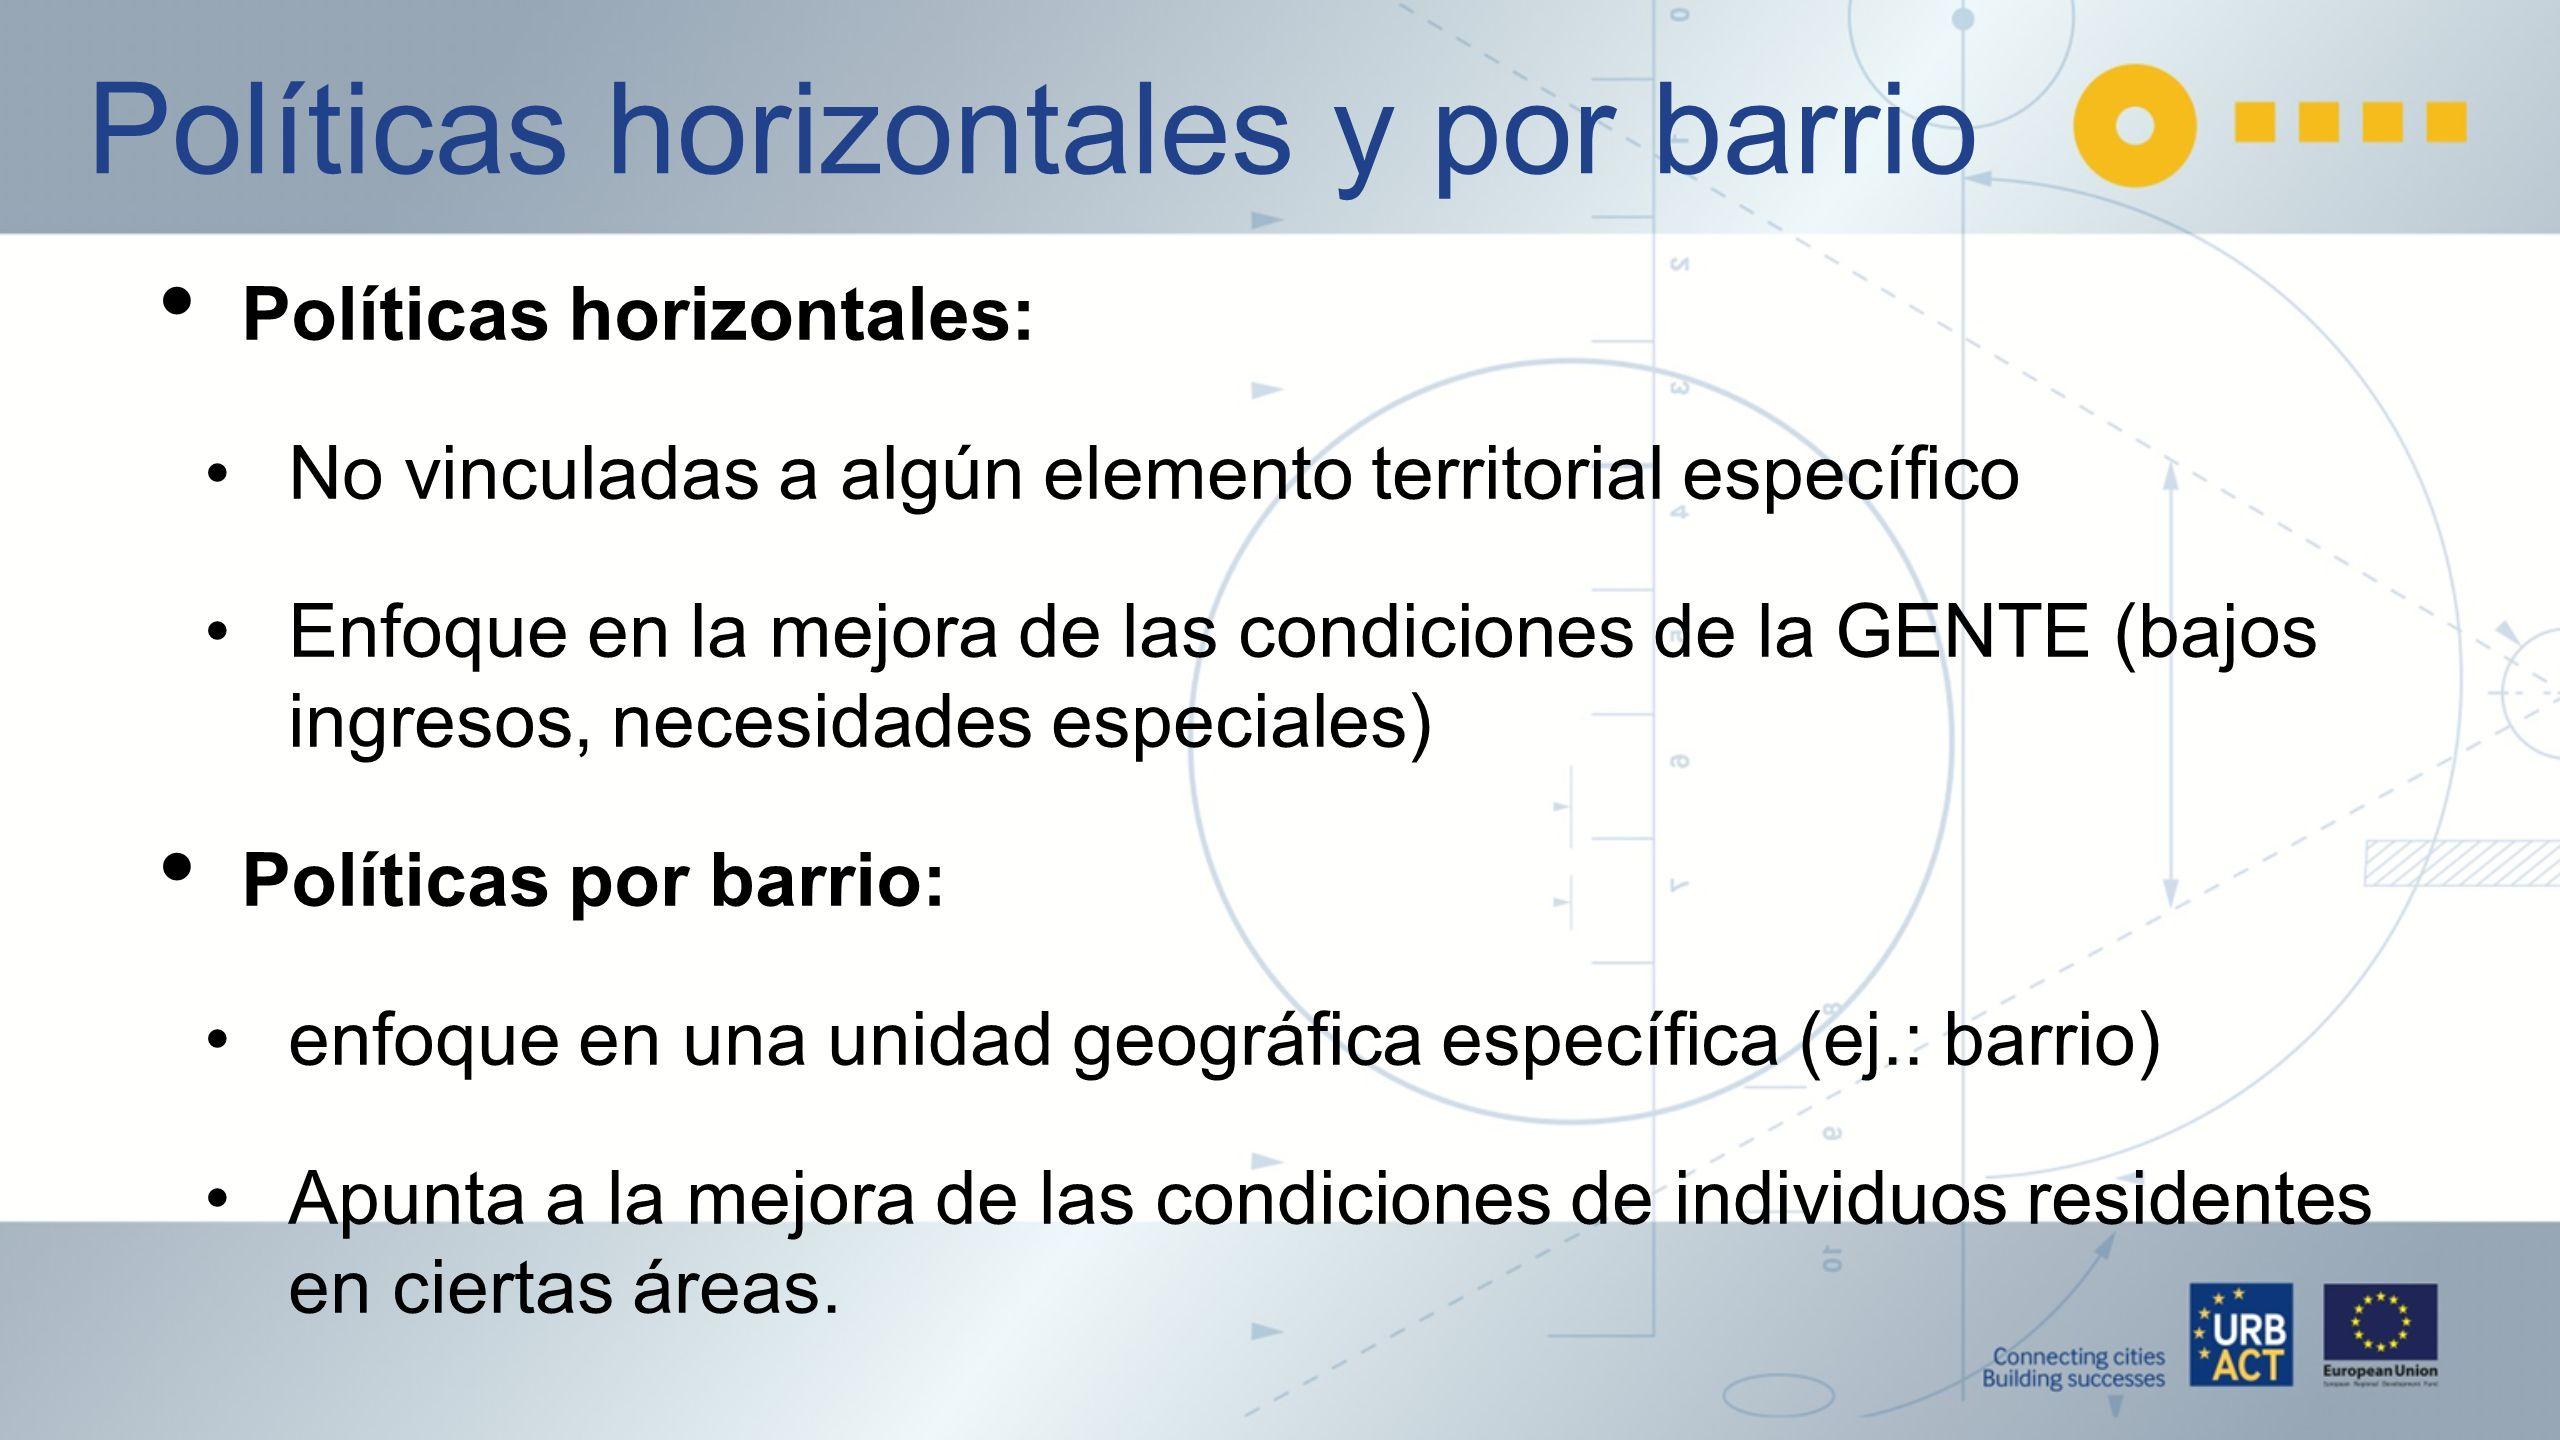 Políticas horizontales y por barrio